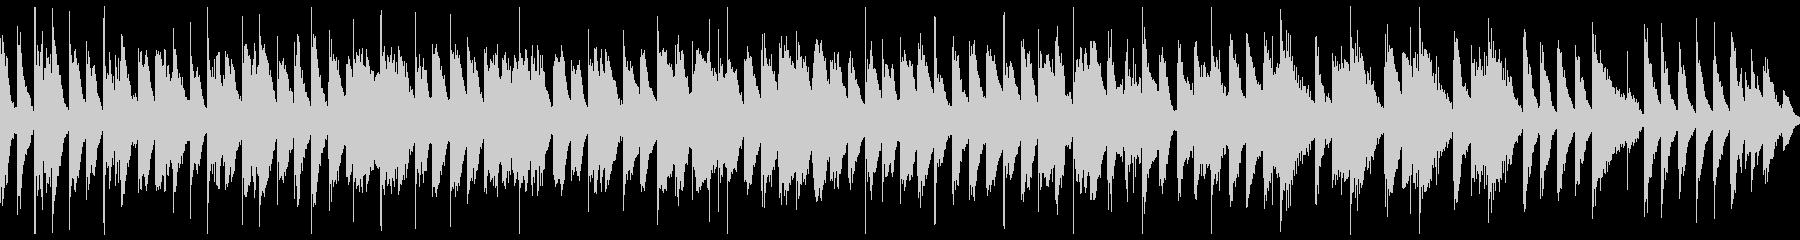 【ループ再生】かわいい・楽しい・BGMの未再生の波形